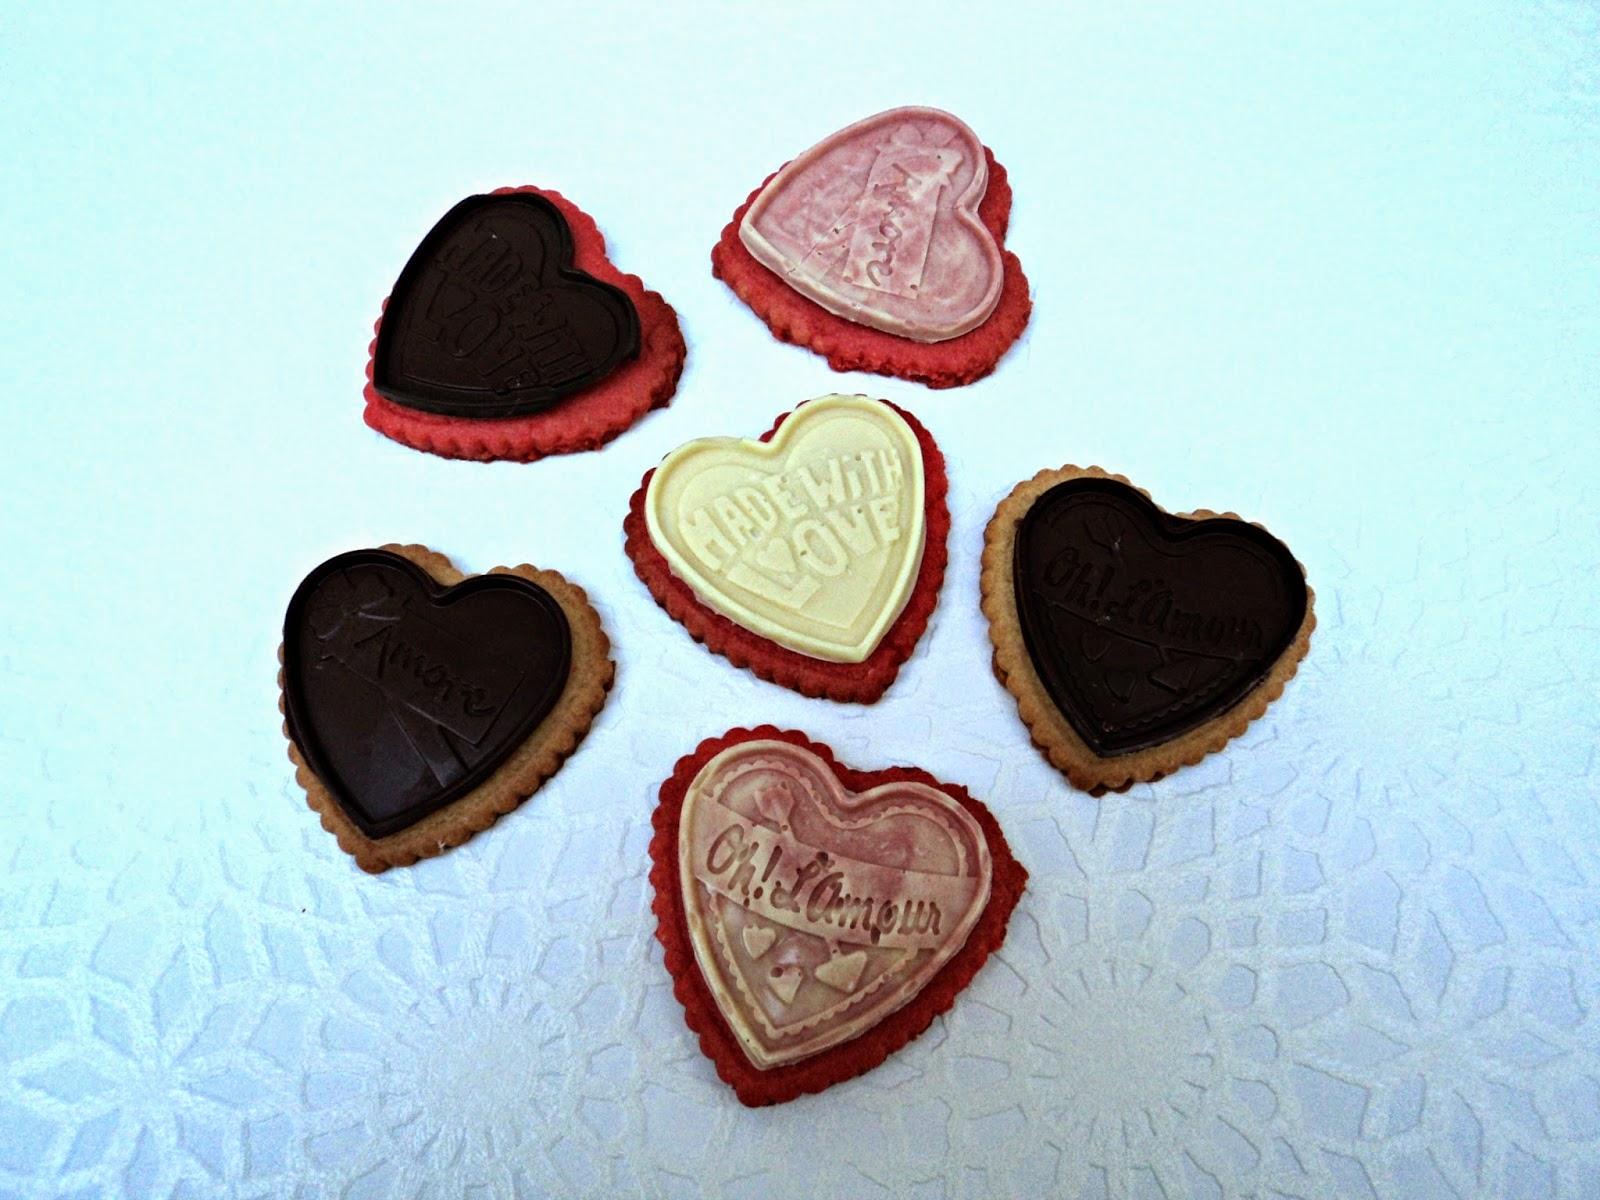 galletas-vainilla-chocolate-presentacion